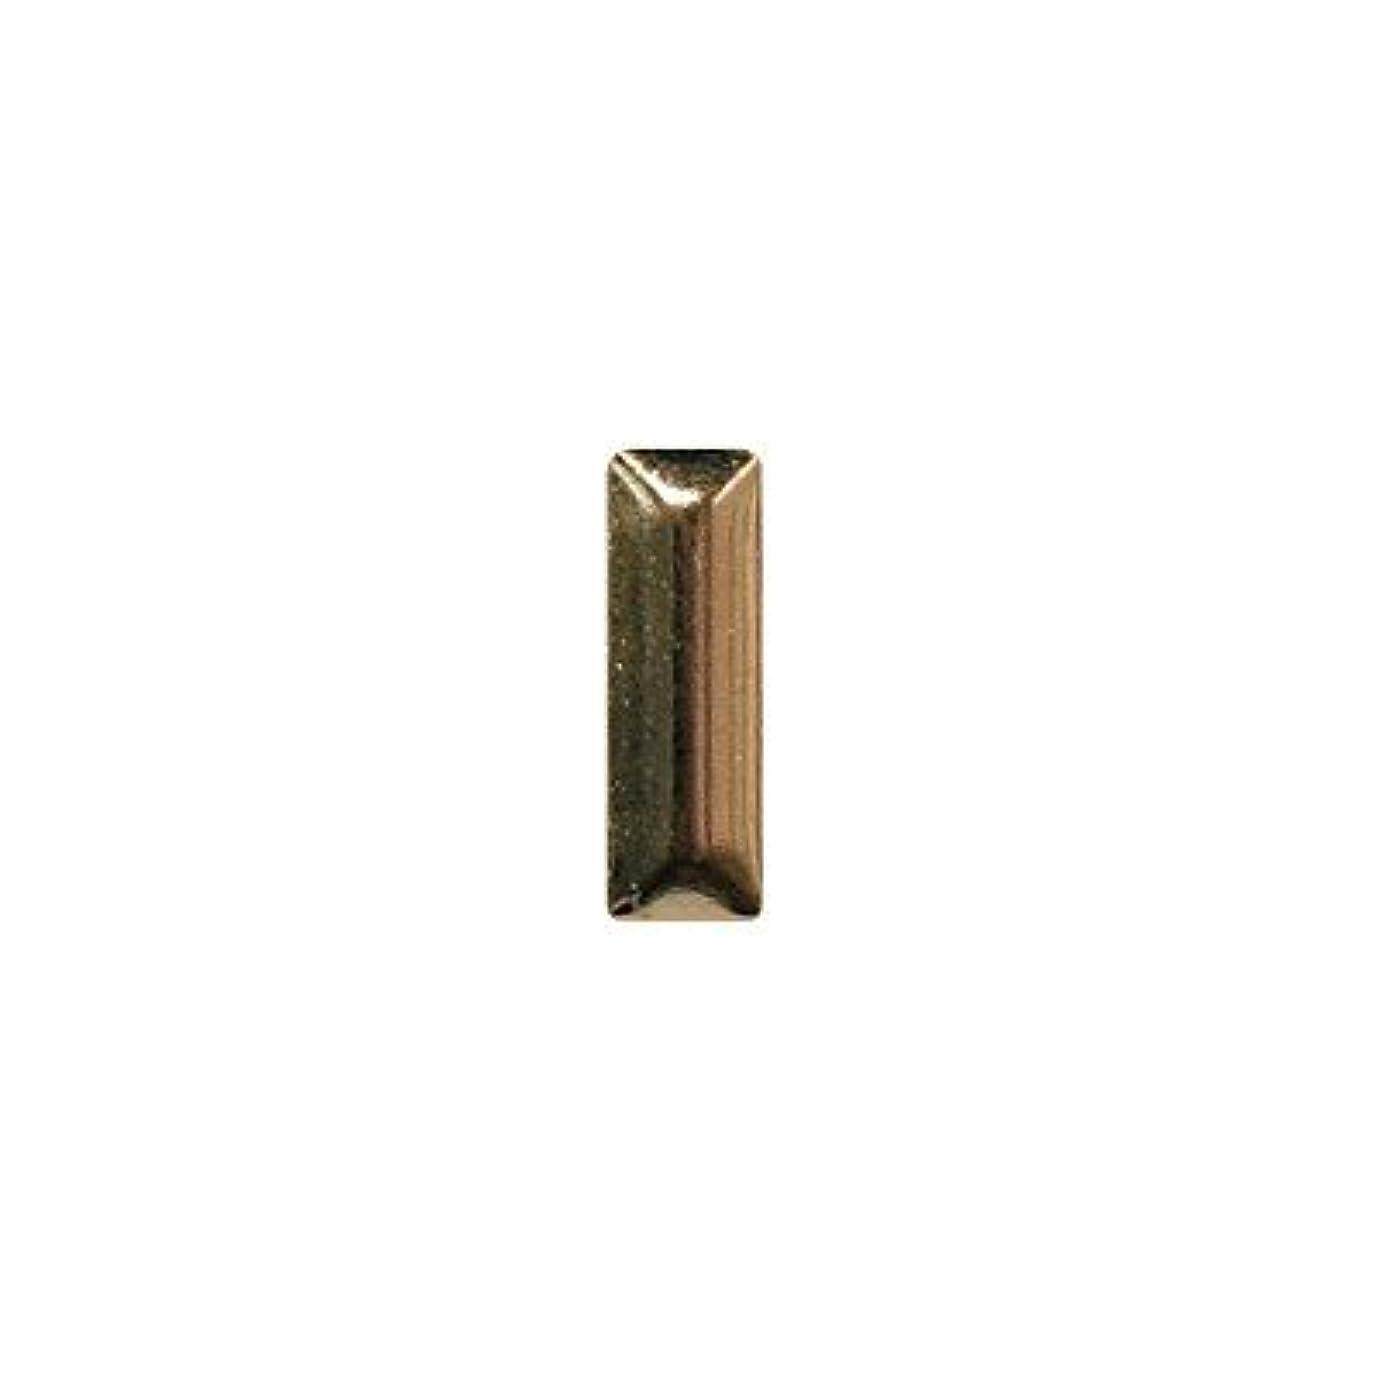 純粋な引き付ける残酷なピアドラ スタッズ メタル長方形 2×6mm 50P ゴールド